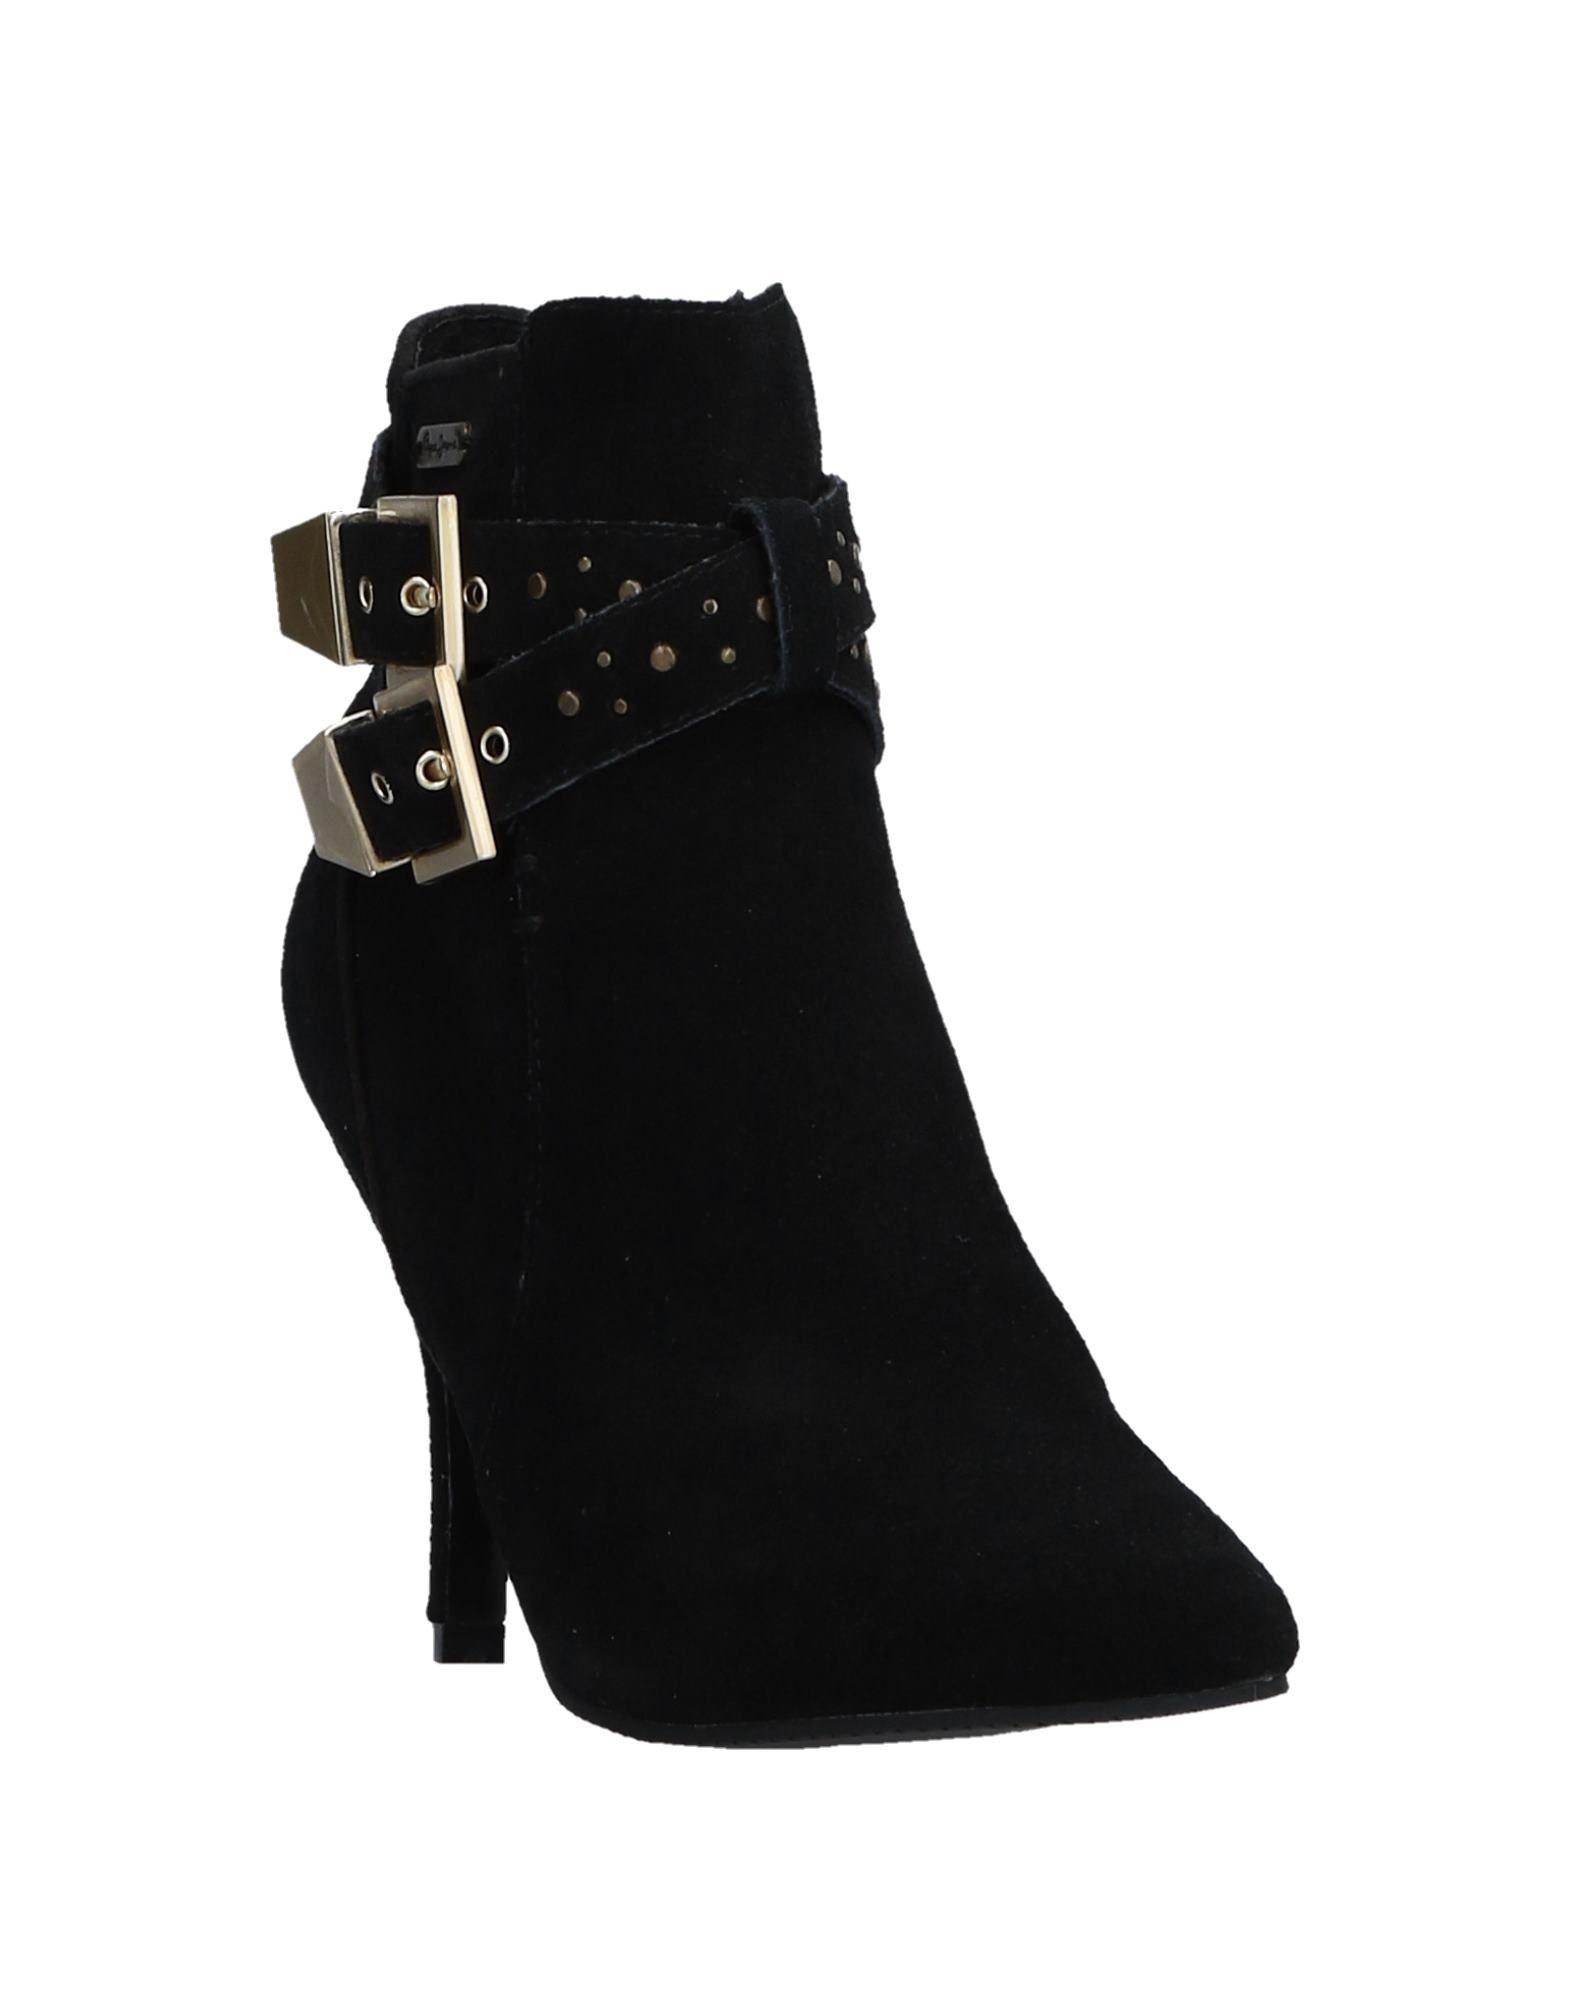 Pepe Jeans Stiefelette Damen beliebte  11525475OV Gute Qualität beliebte Damen Schuhe 8f5670